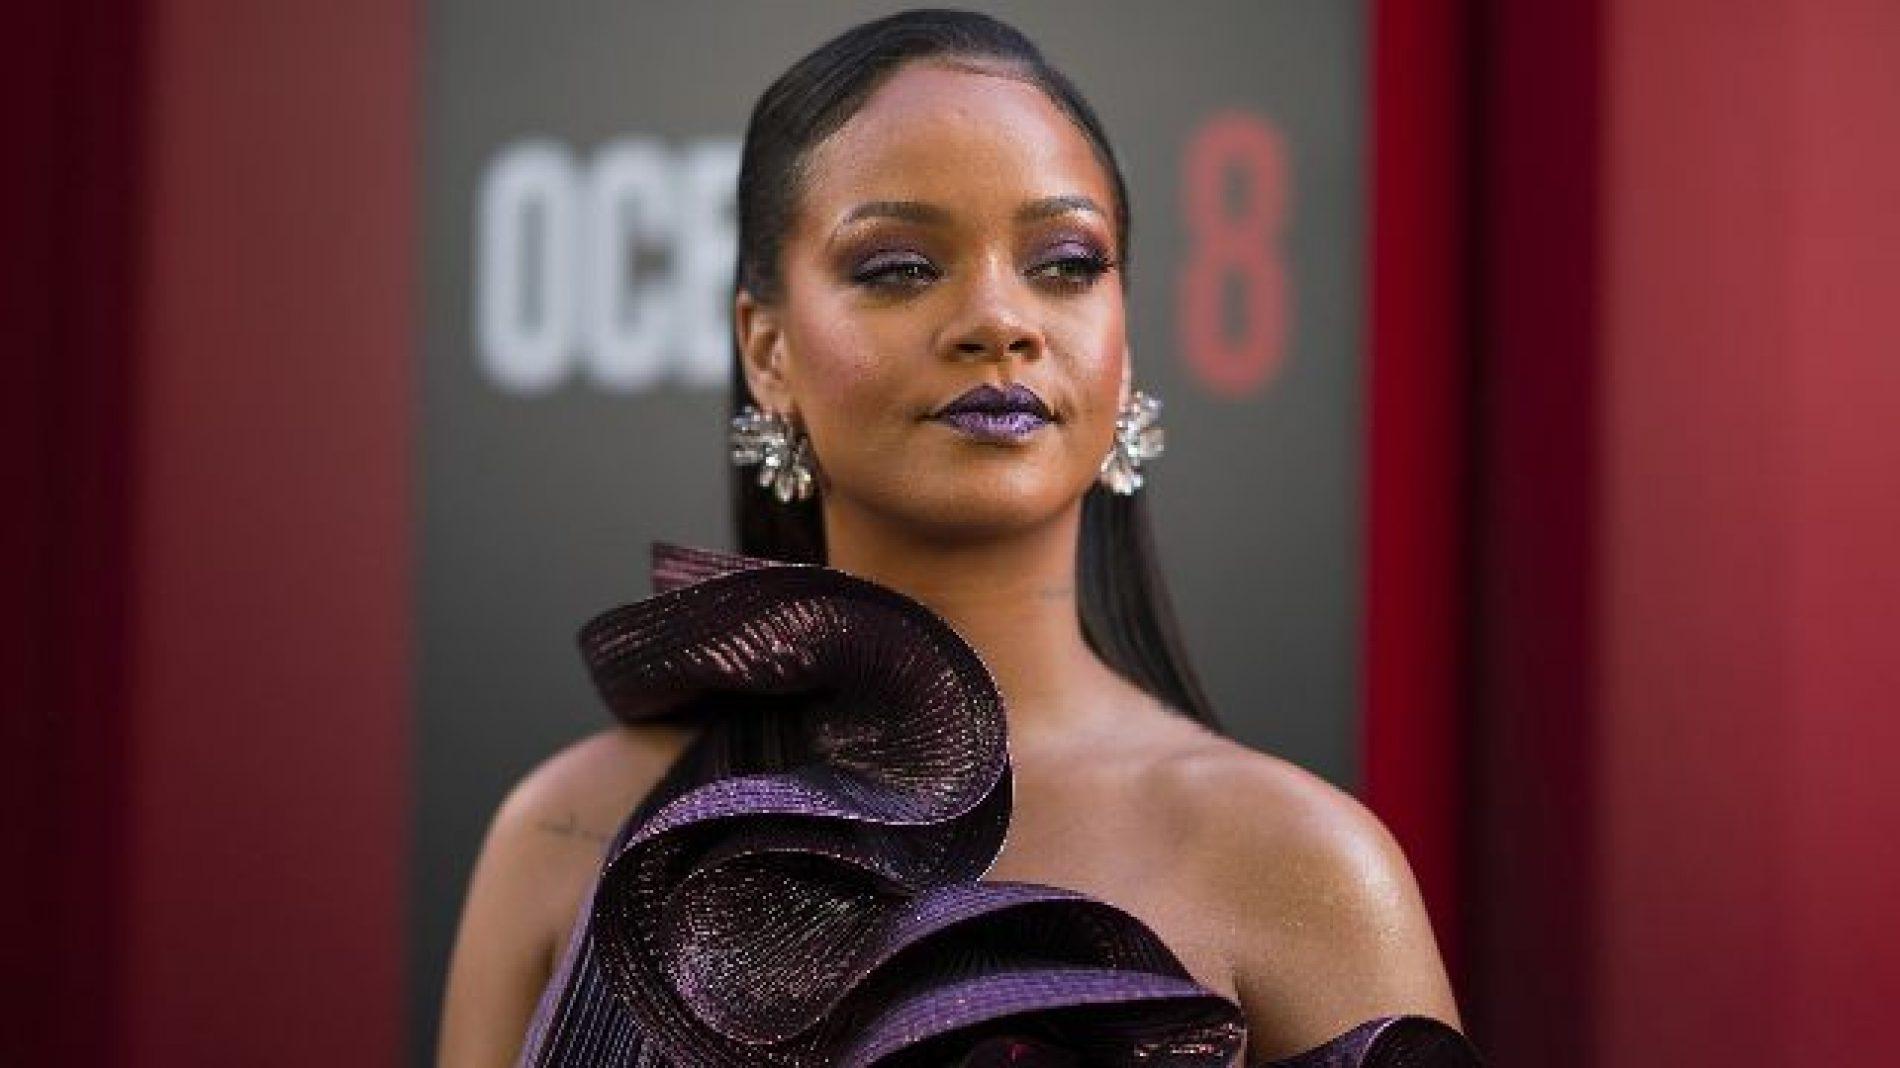 Cantora Rihanna é agora uma embaixadora